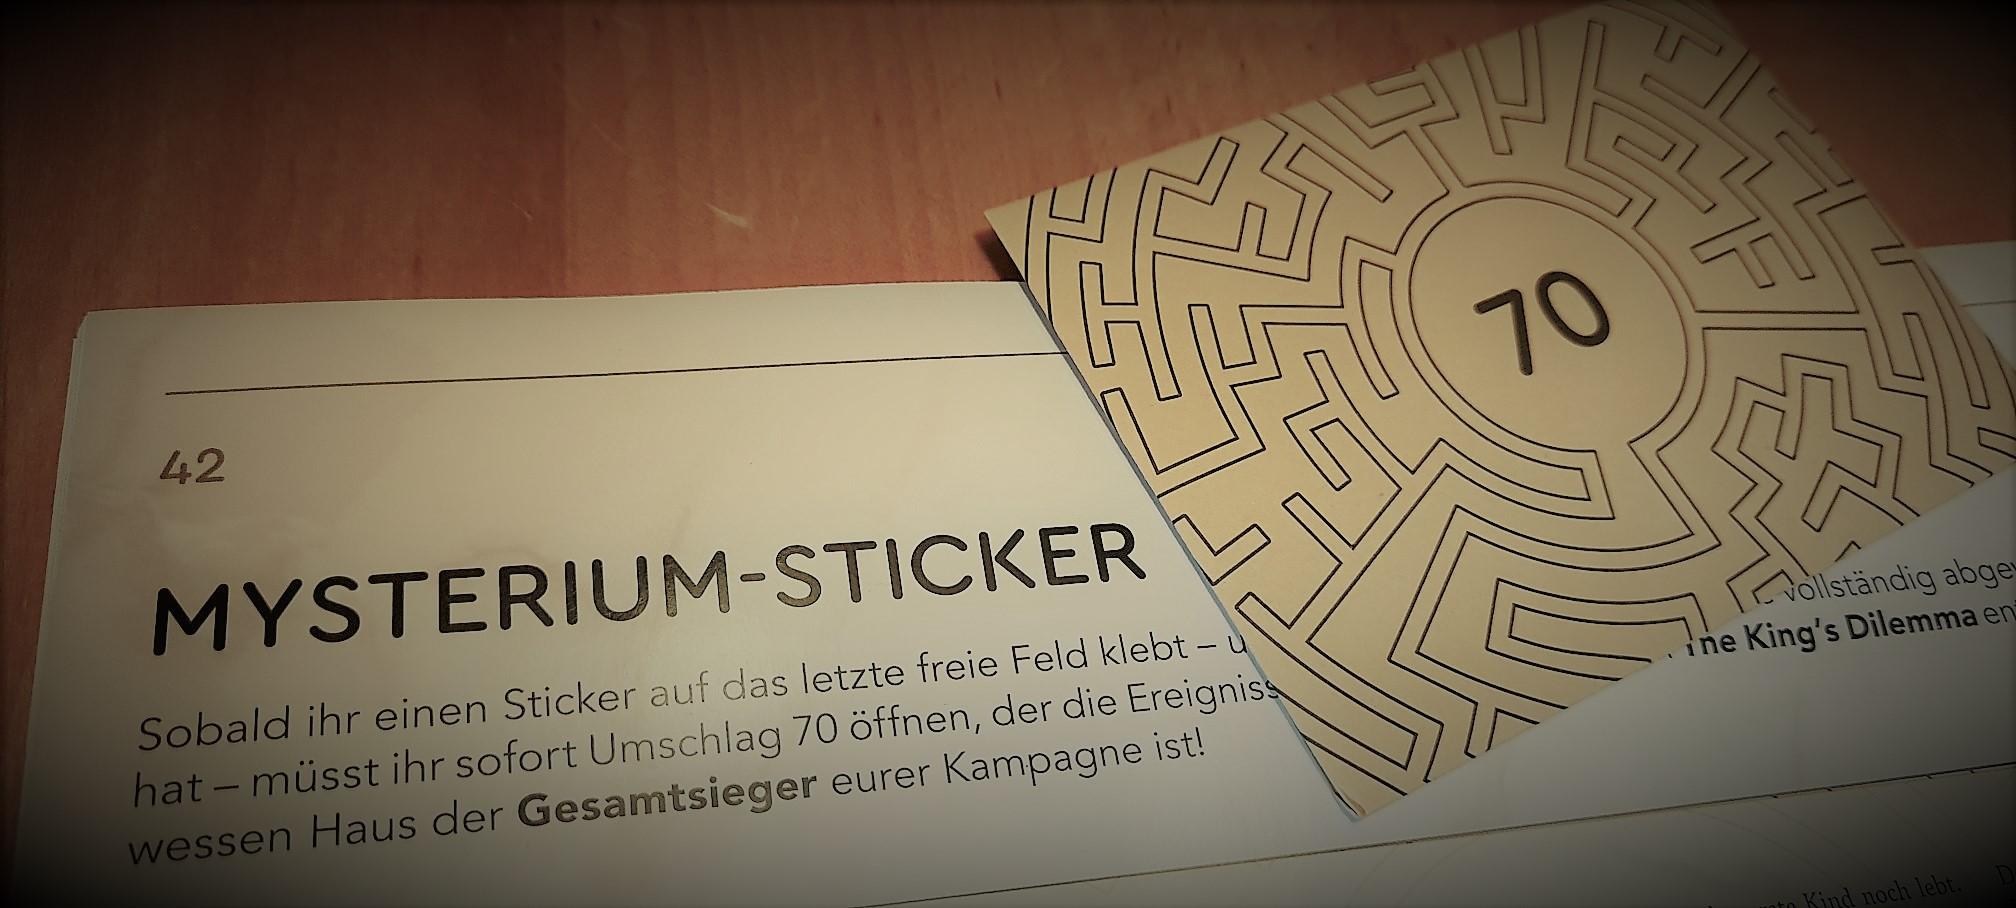 The King's Dilemma - Sticker - Foto von Alex Sch.